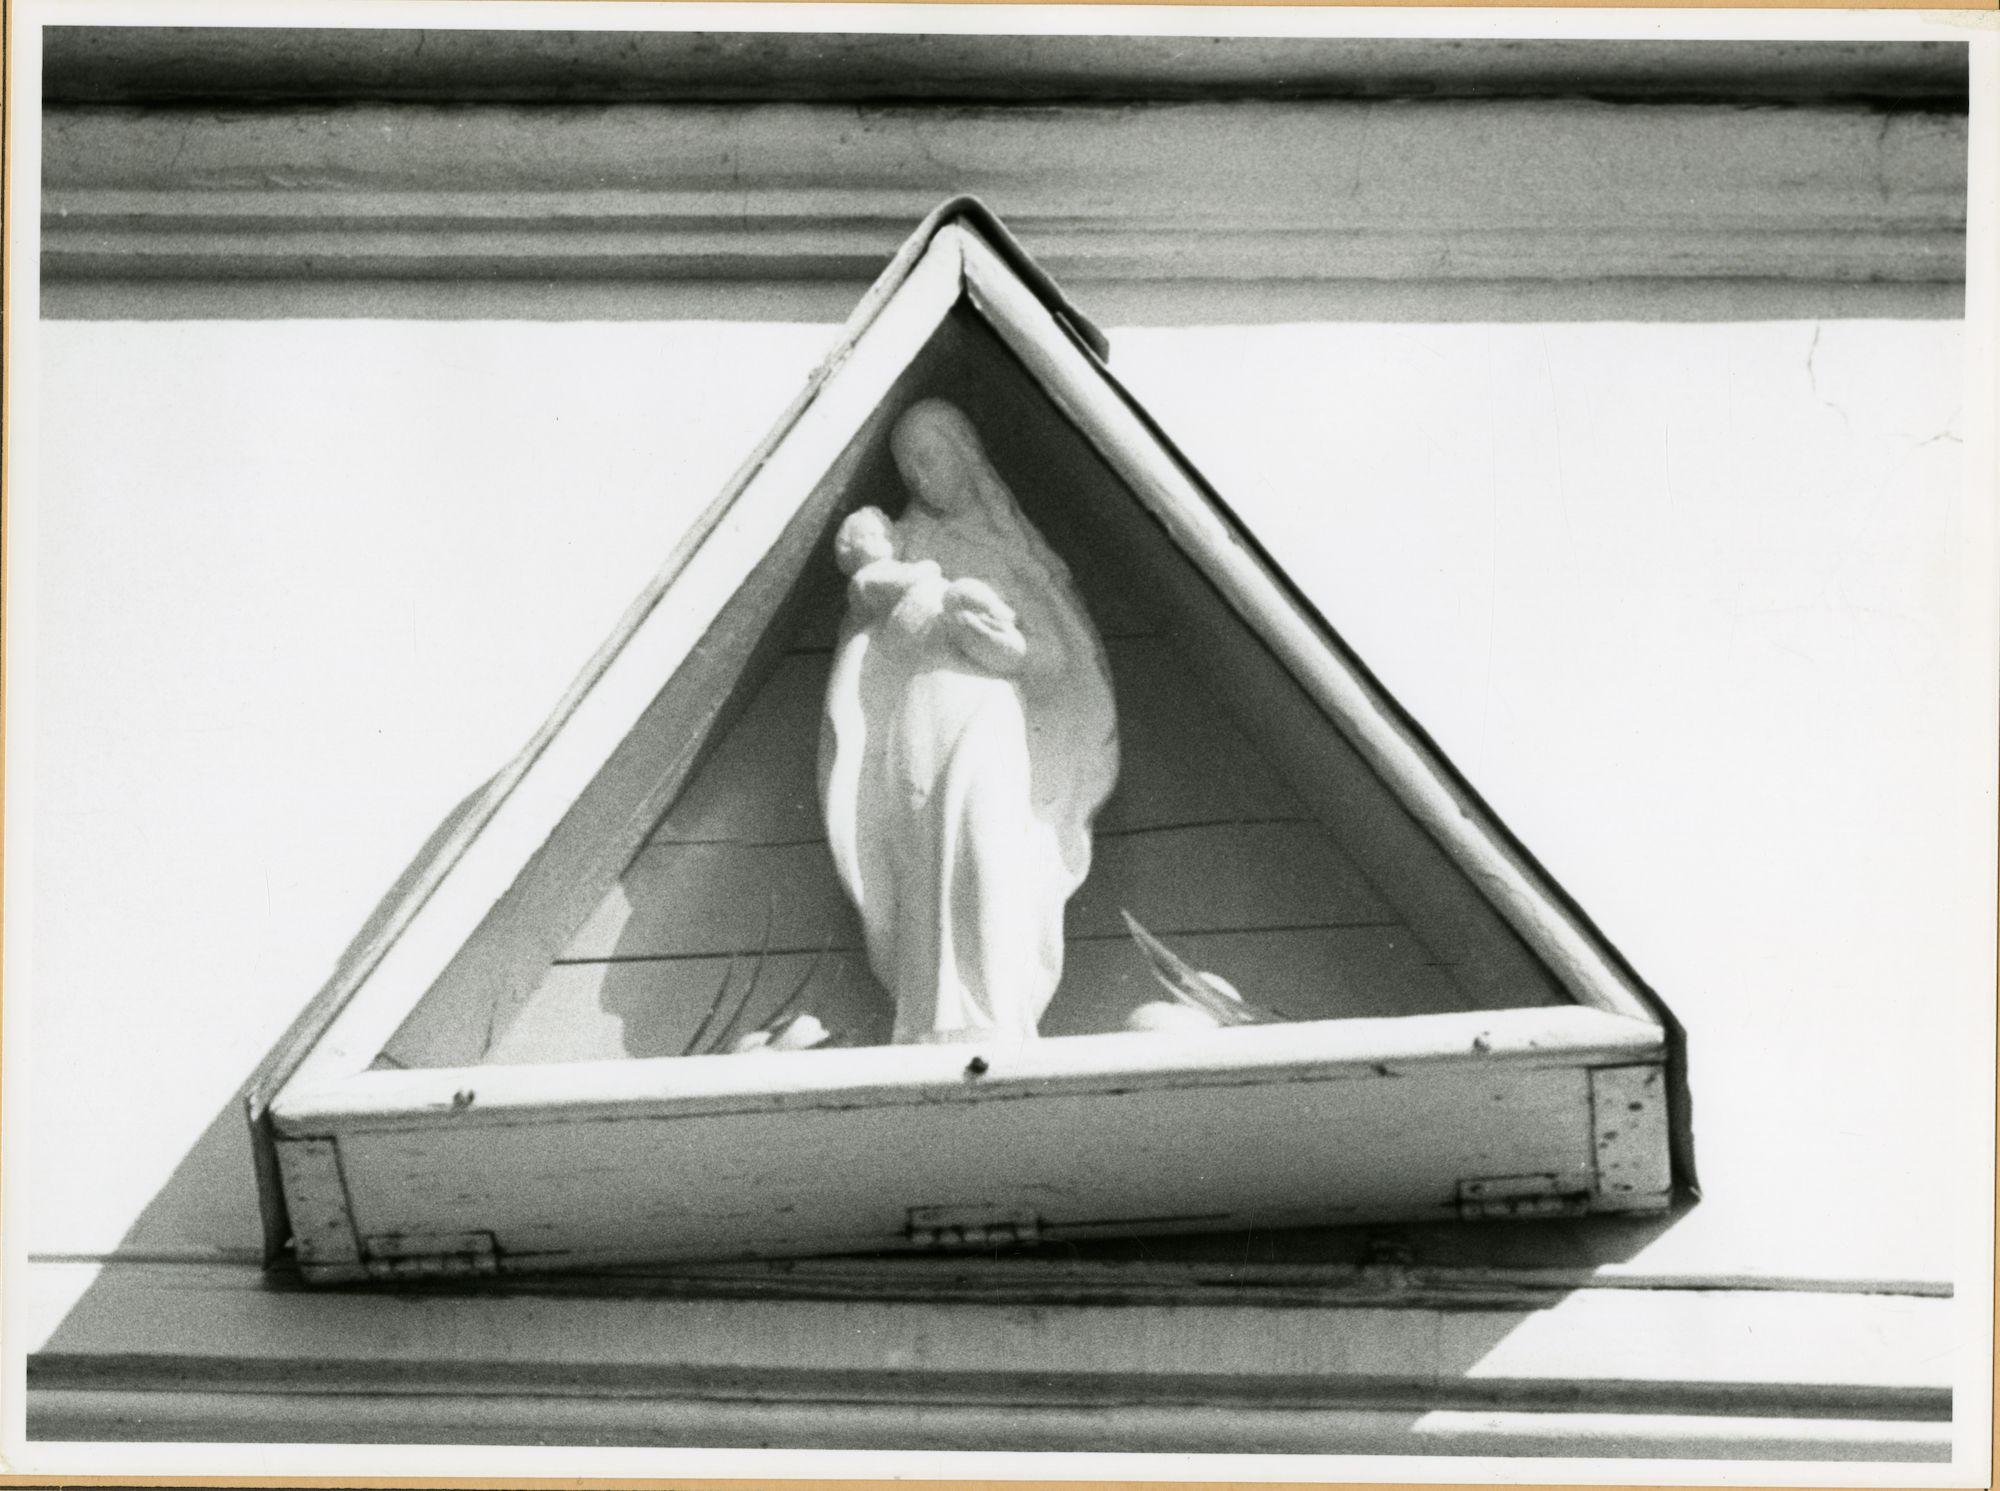 Gent: Blaisantvest 95: gevelkapel: Maria met Kind, 1979